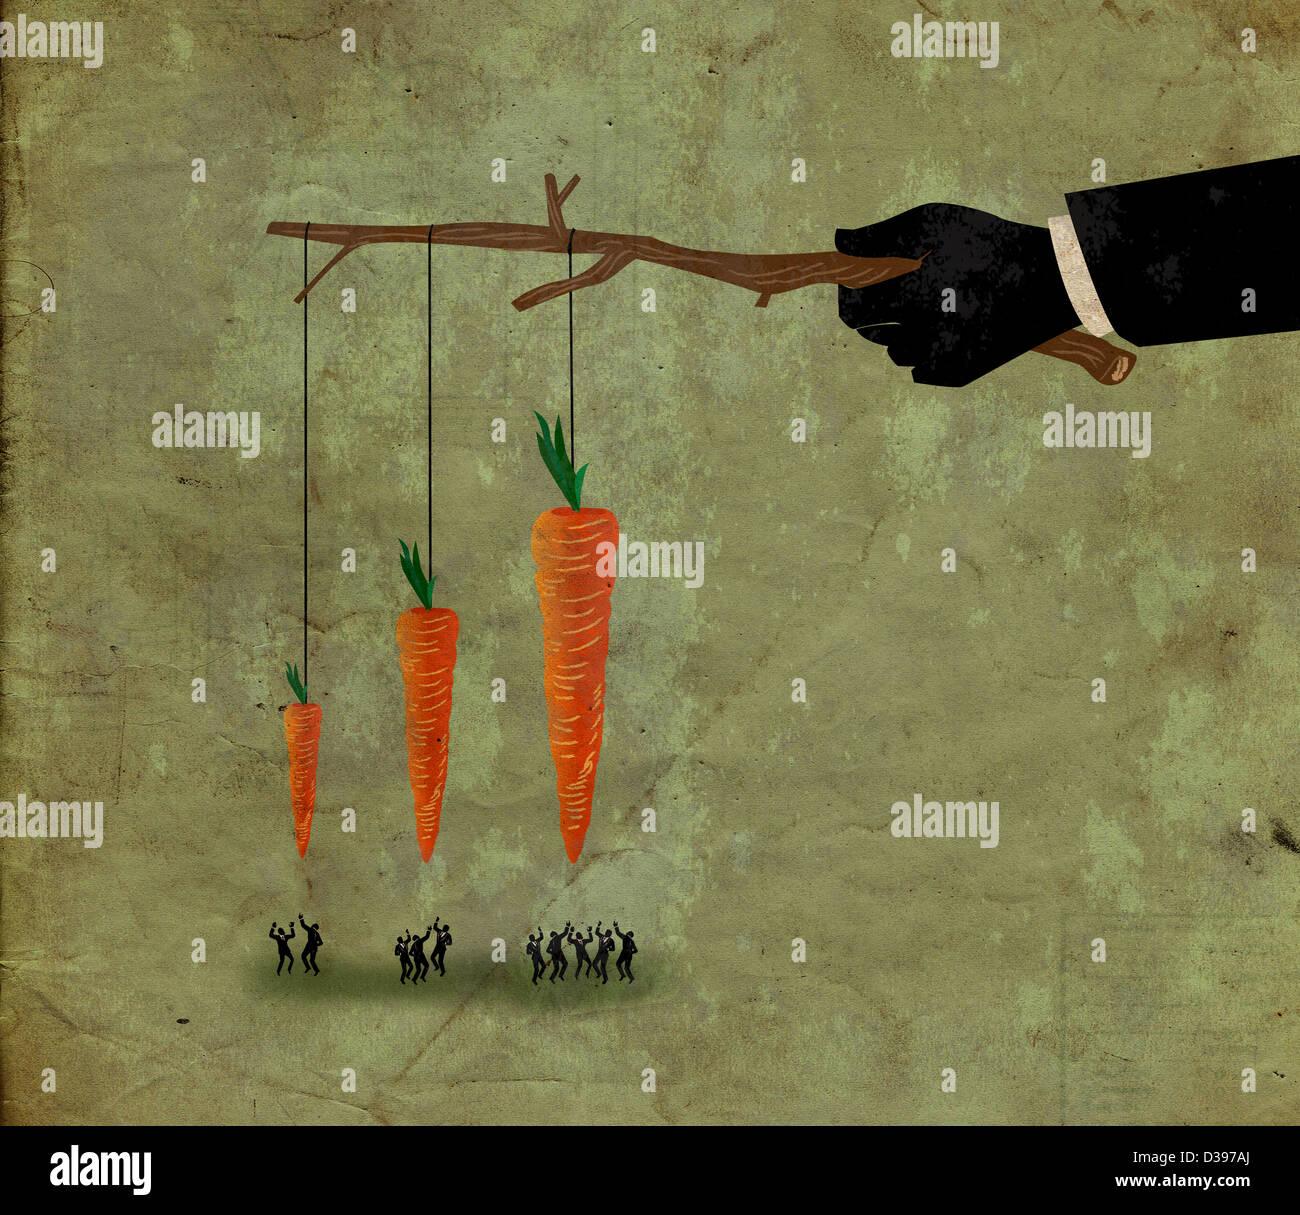 A titolo illustrativo colpo di business Persone che saltano per la carota raffigurante la concorrenza per incentivi Immagini Stock